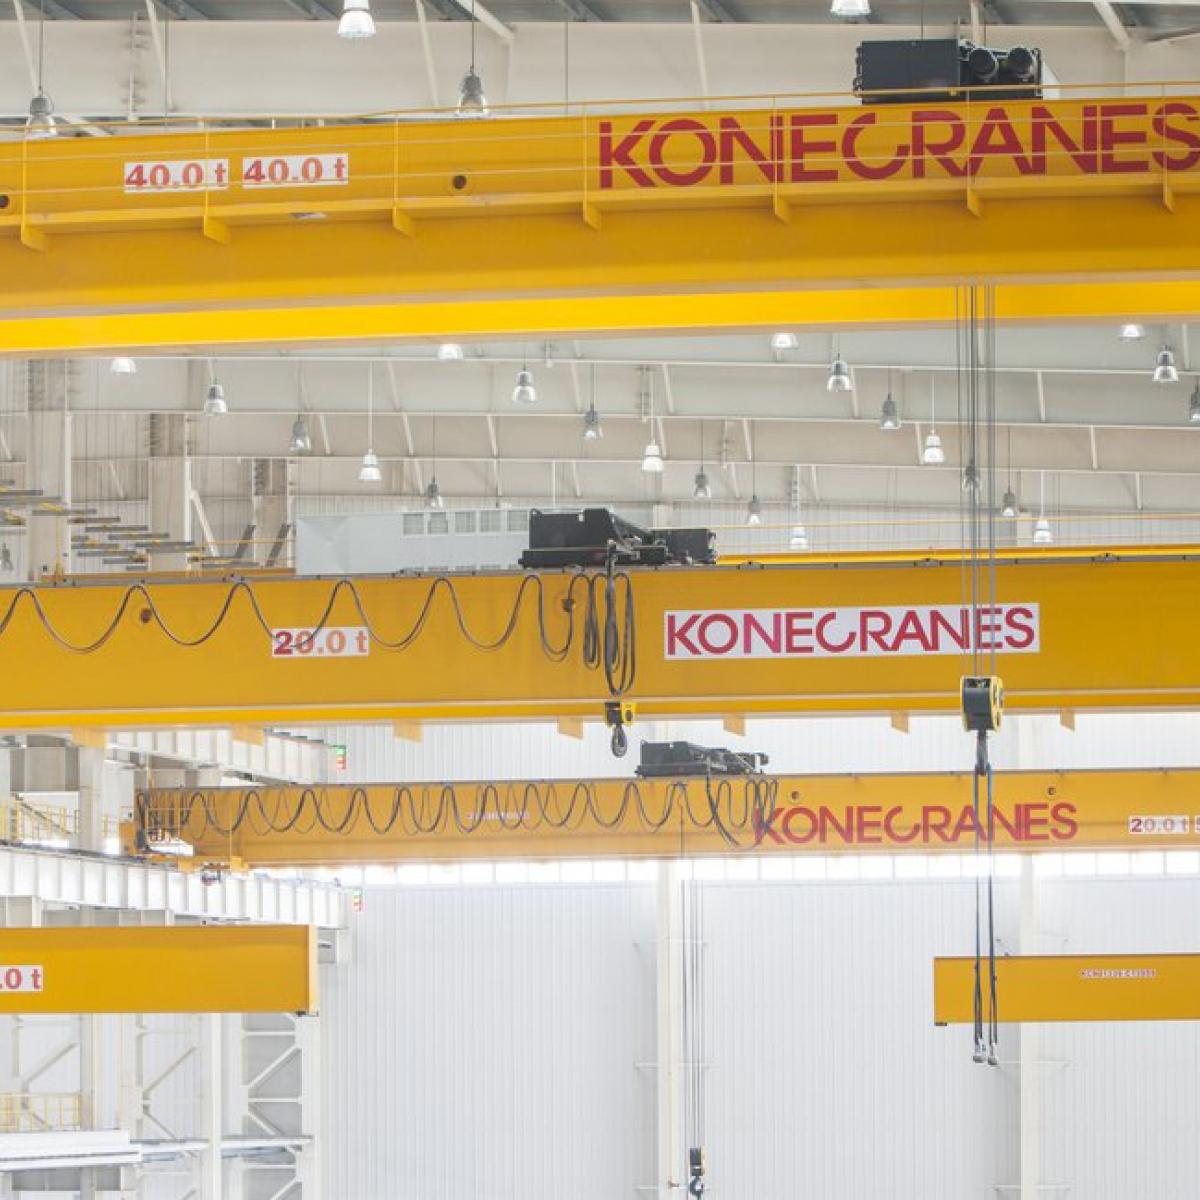 hight resolution of overhead crane terminology konecranesoverhead crane terminology